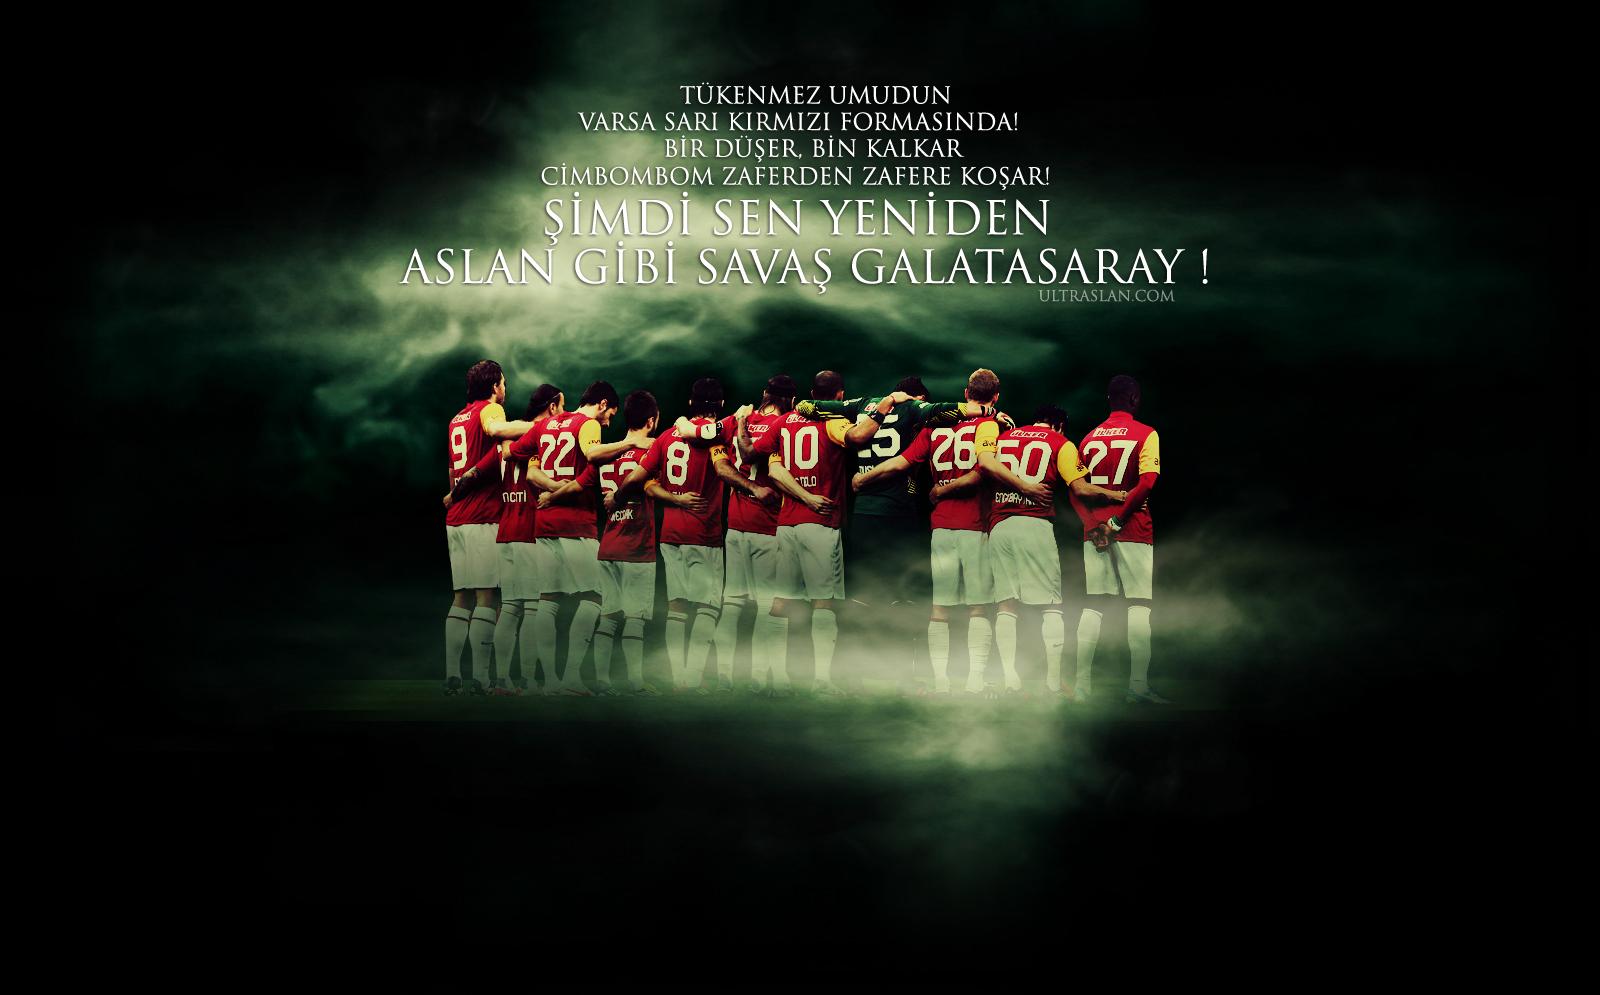 Galatasaray resimleri 25289 2529 en güzel galatasaray hd resimleri